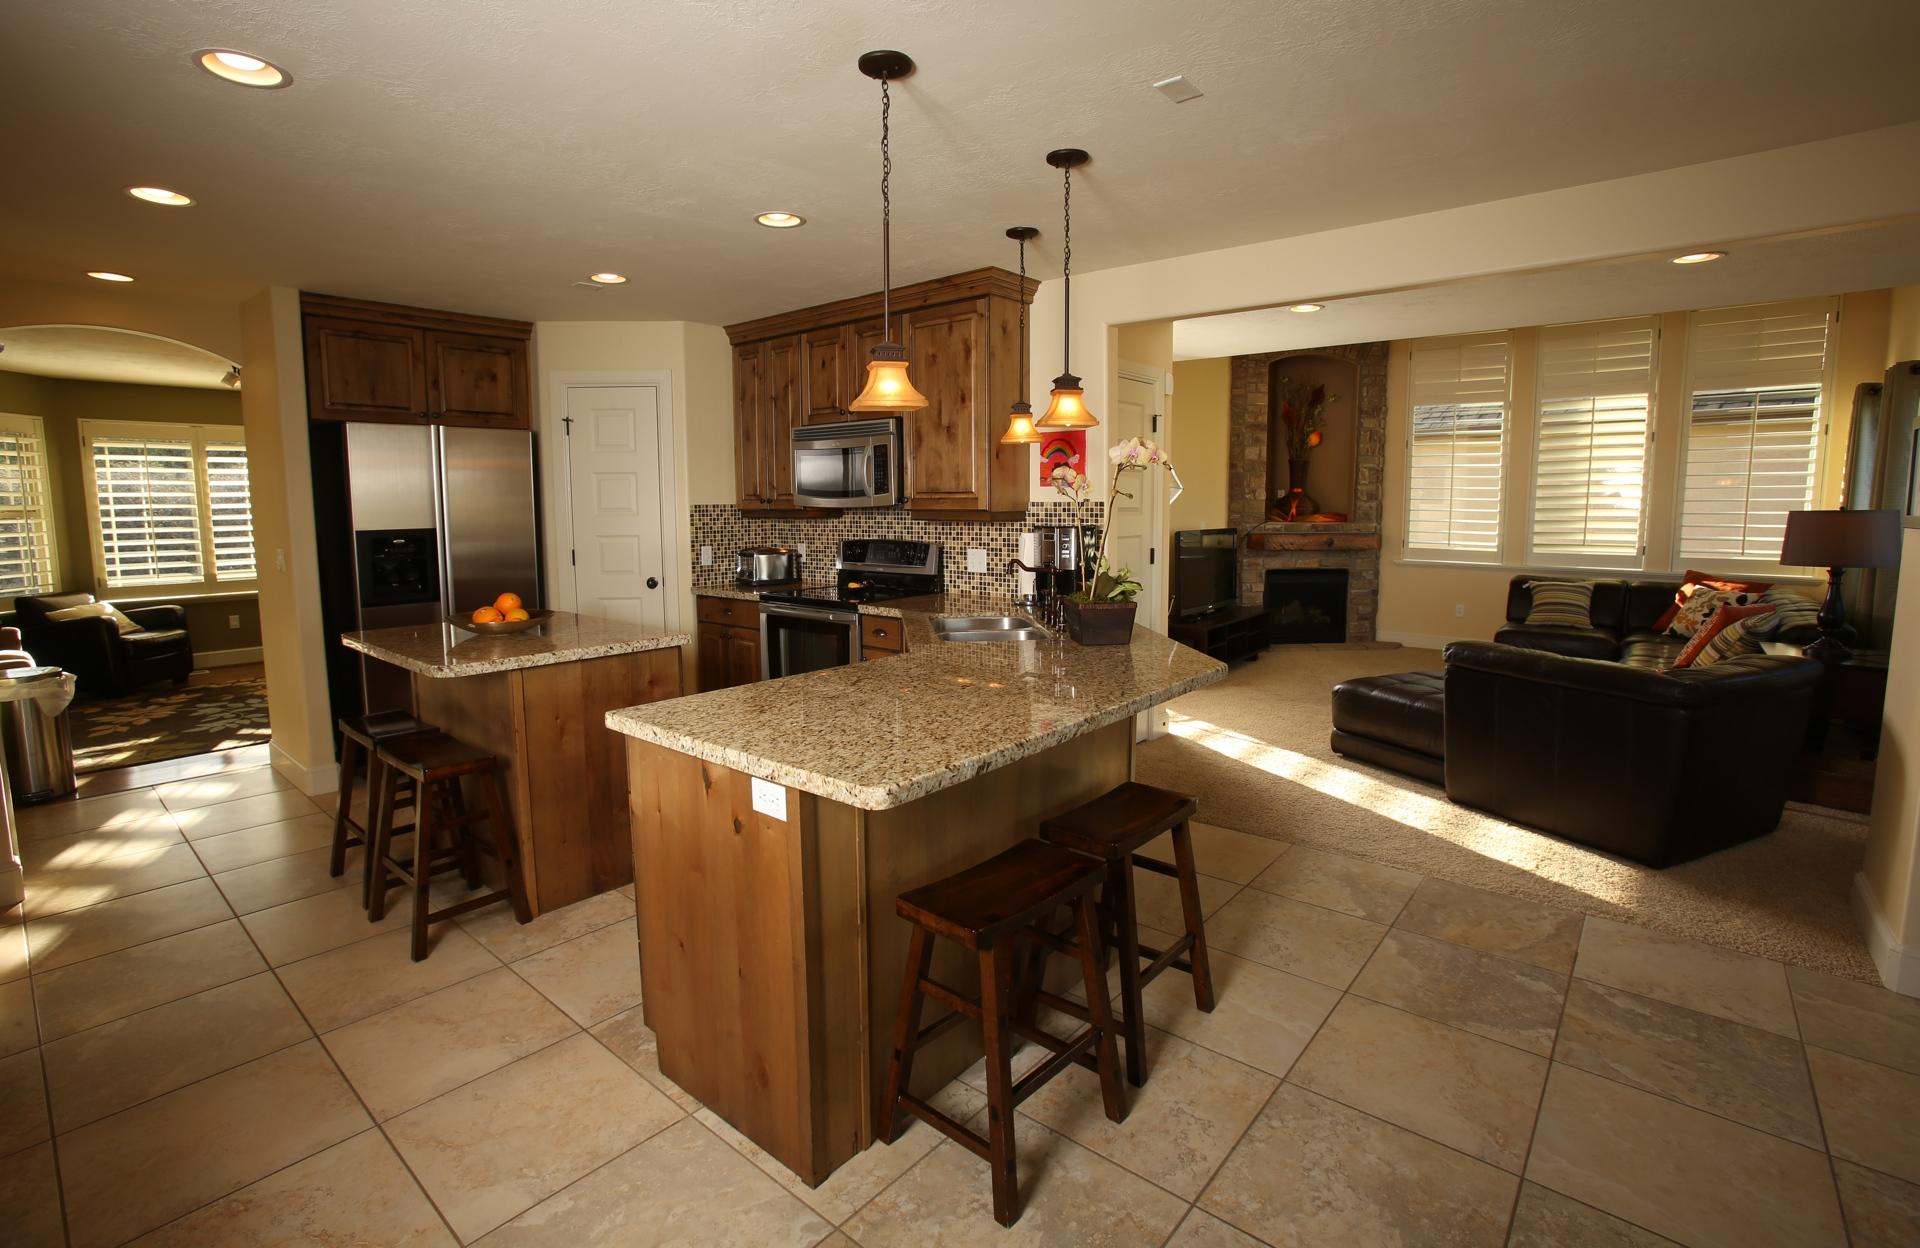 crest_kitchen4.jpg